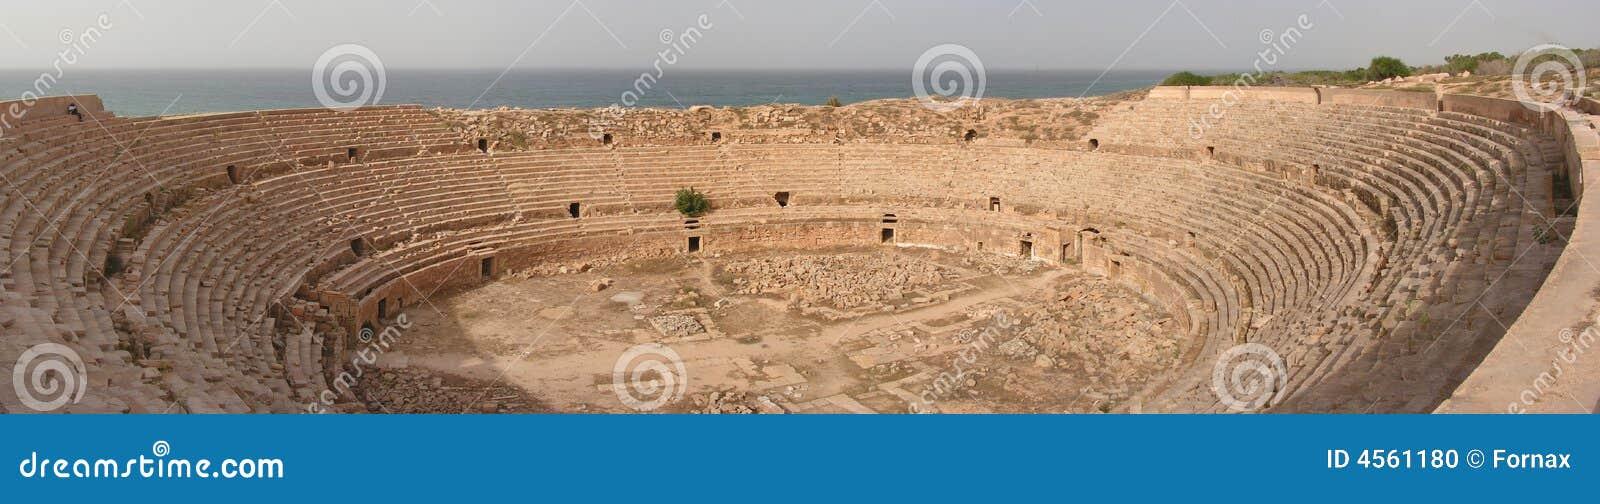 Amphitheatre de Leptis